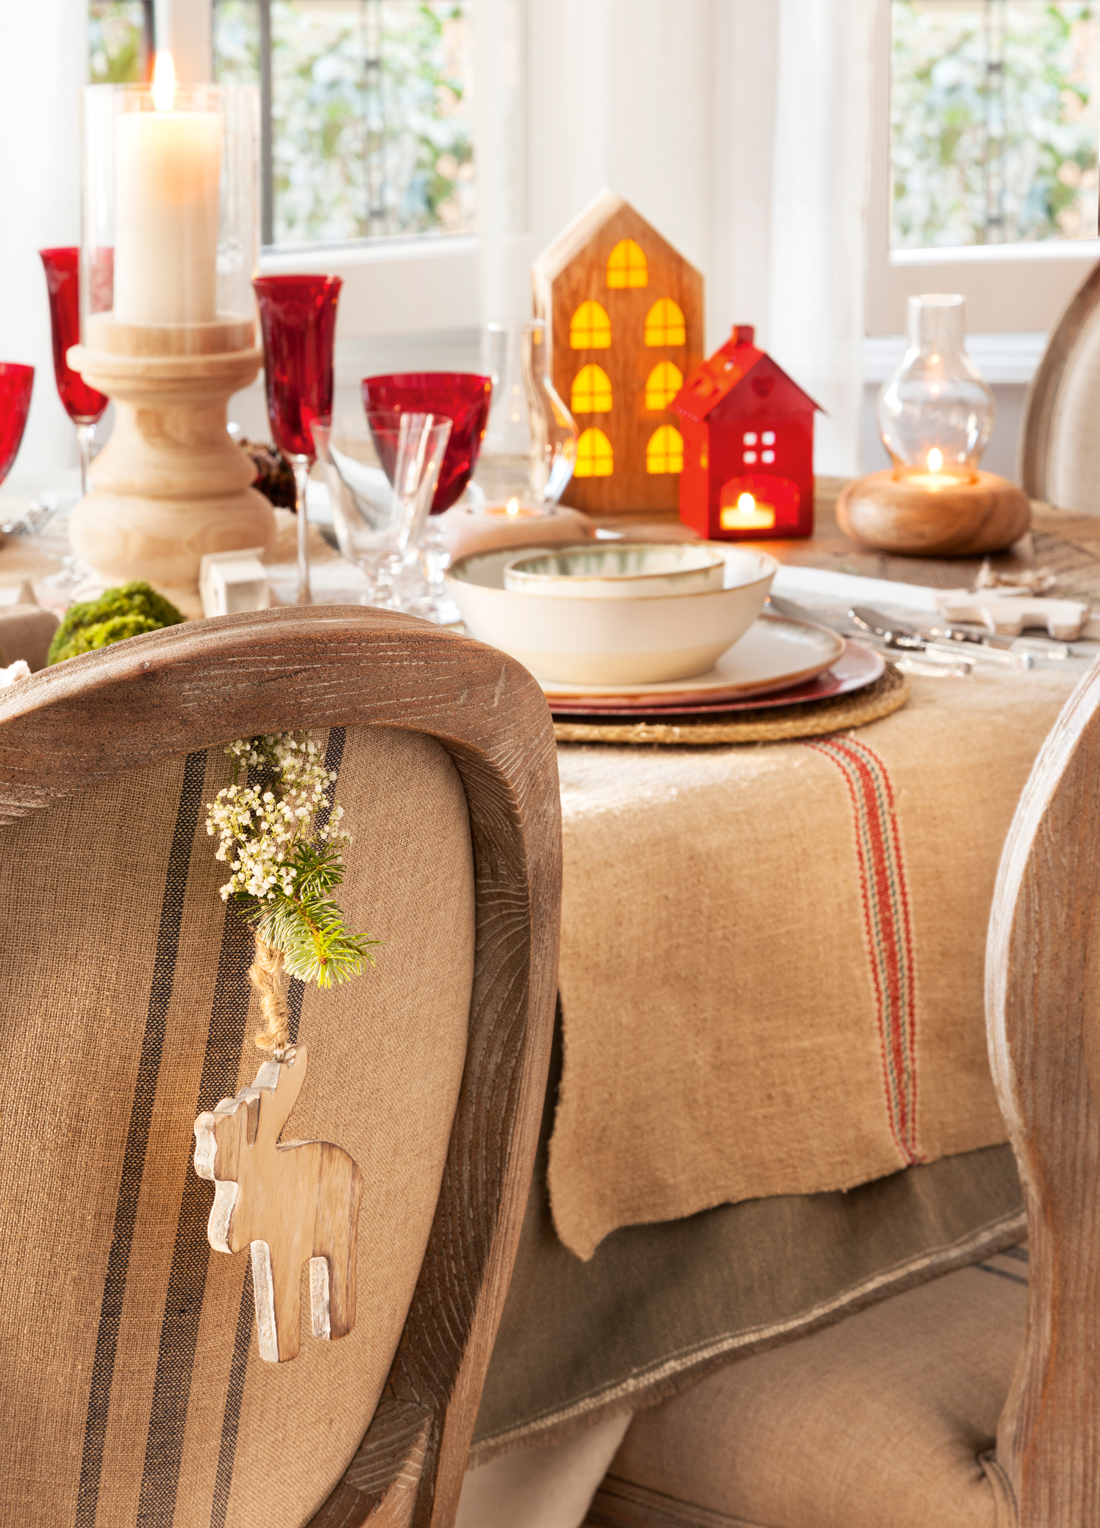 00418561. Mesa de Navidad con mantel de lino, copas rojas y farolillos (418561)